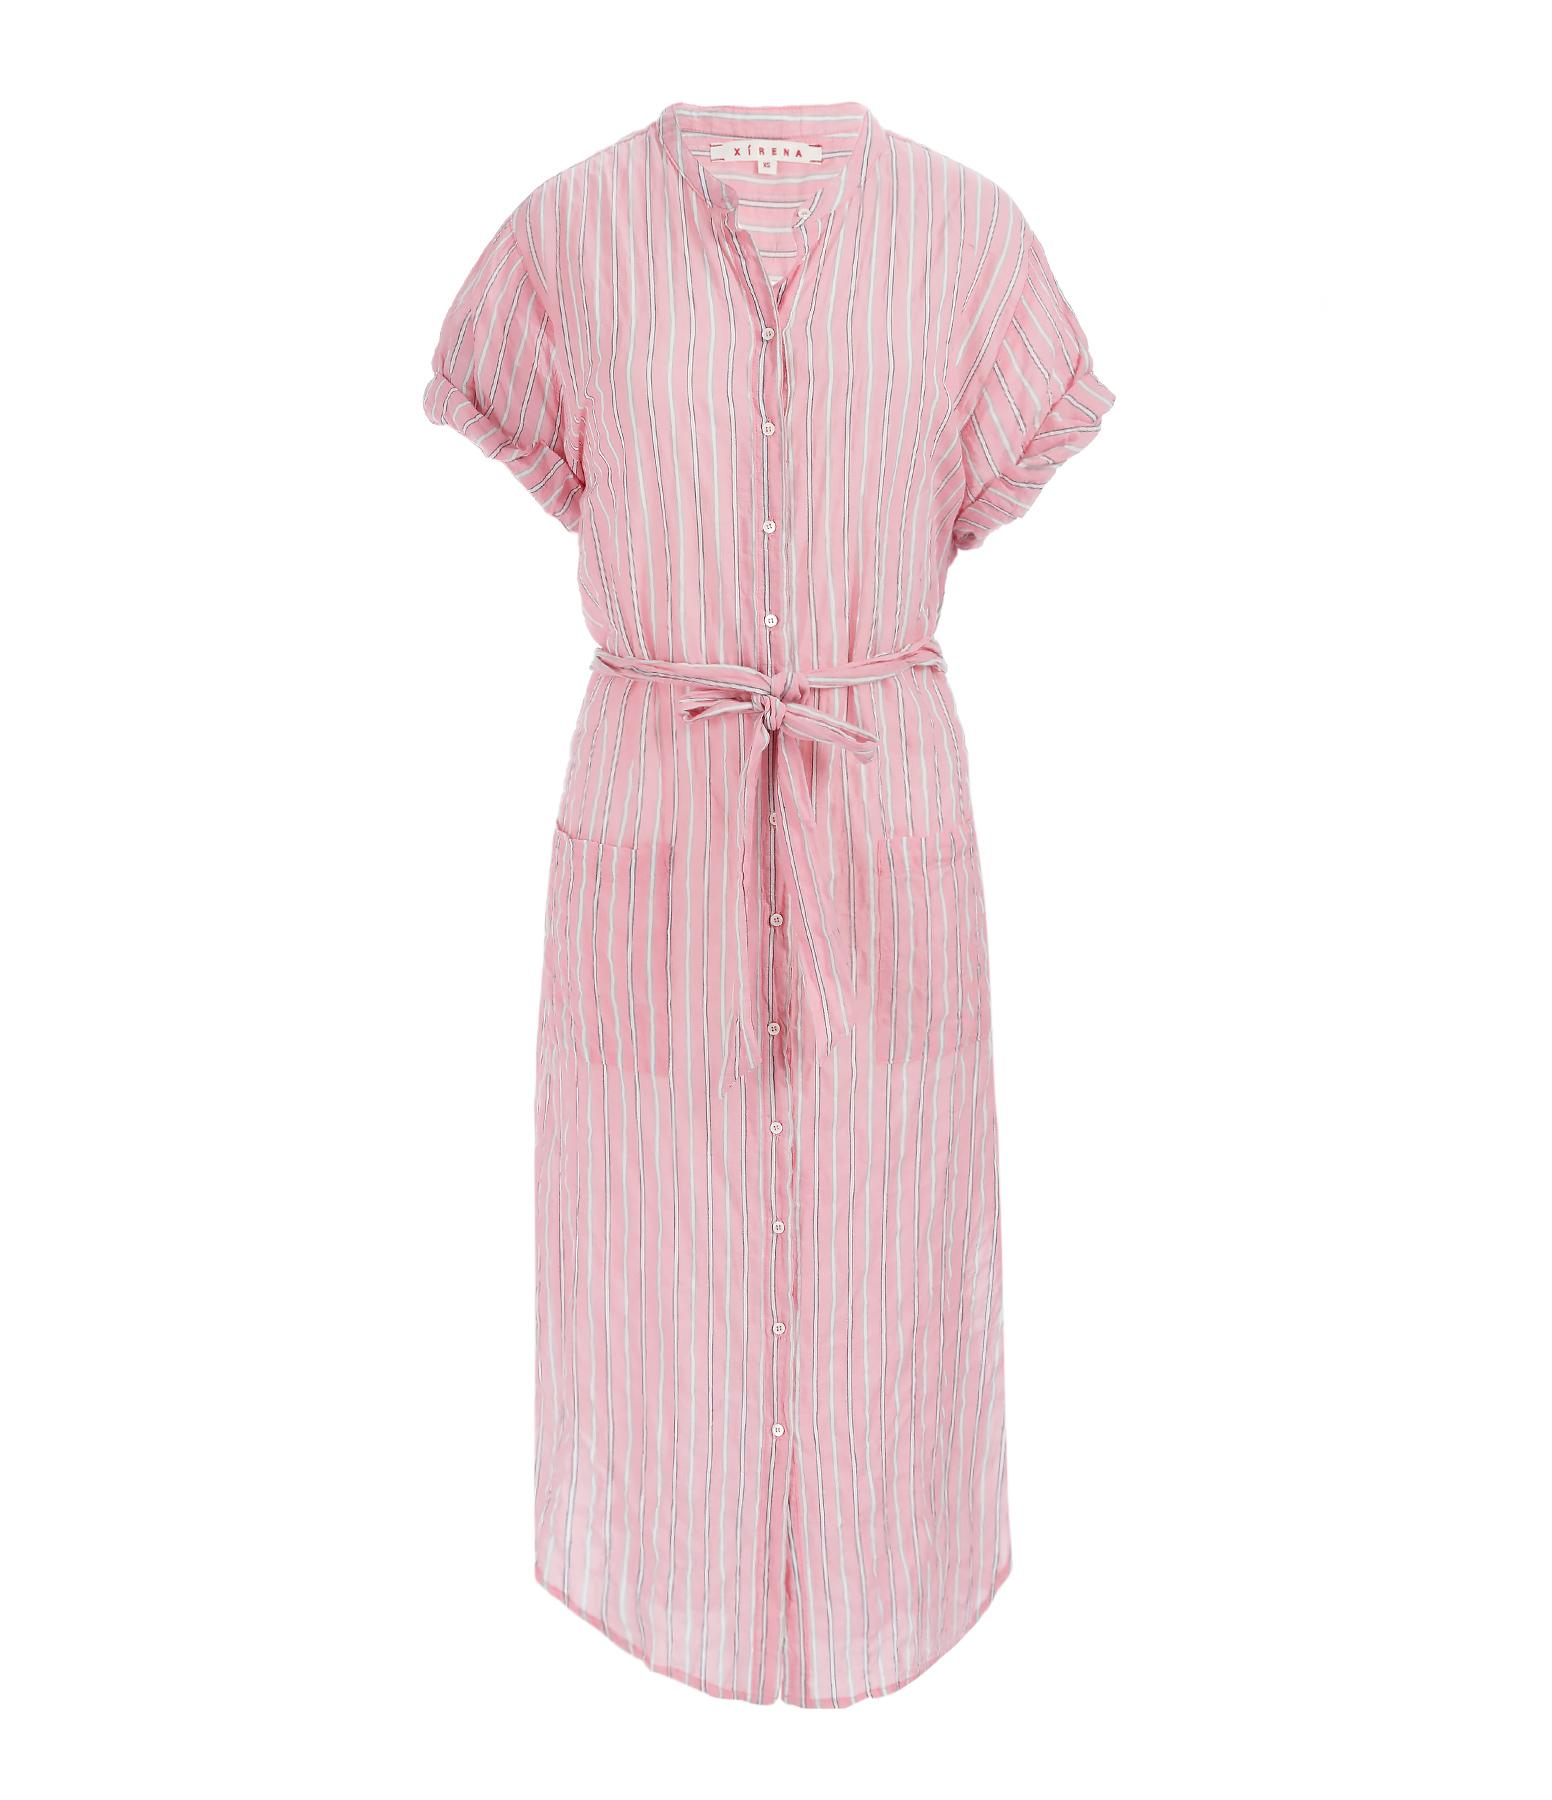 Robe Chemise Mixed Striped Alexa Coton Mayfair